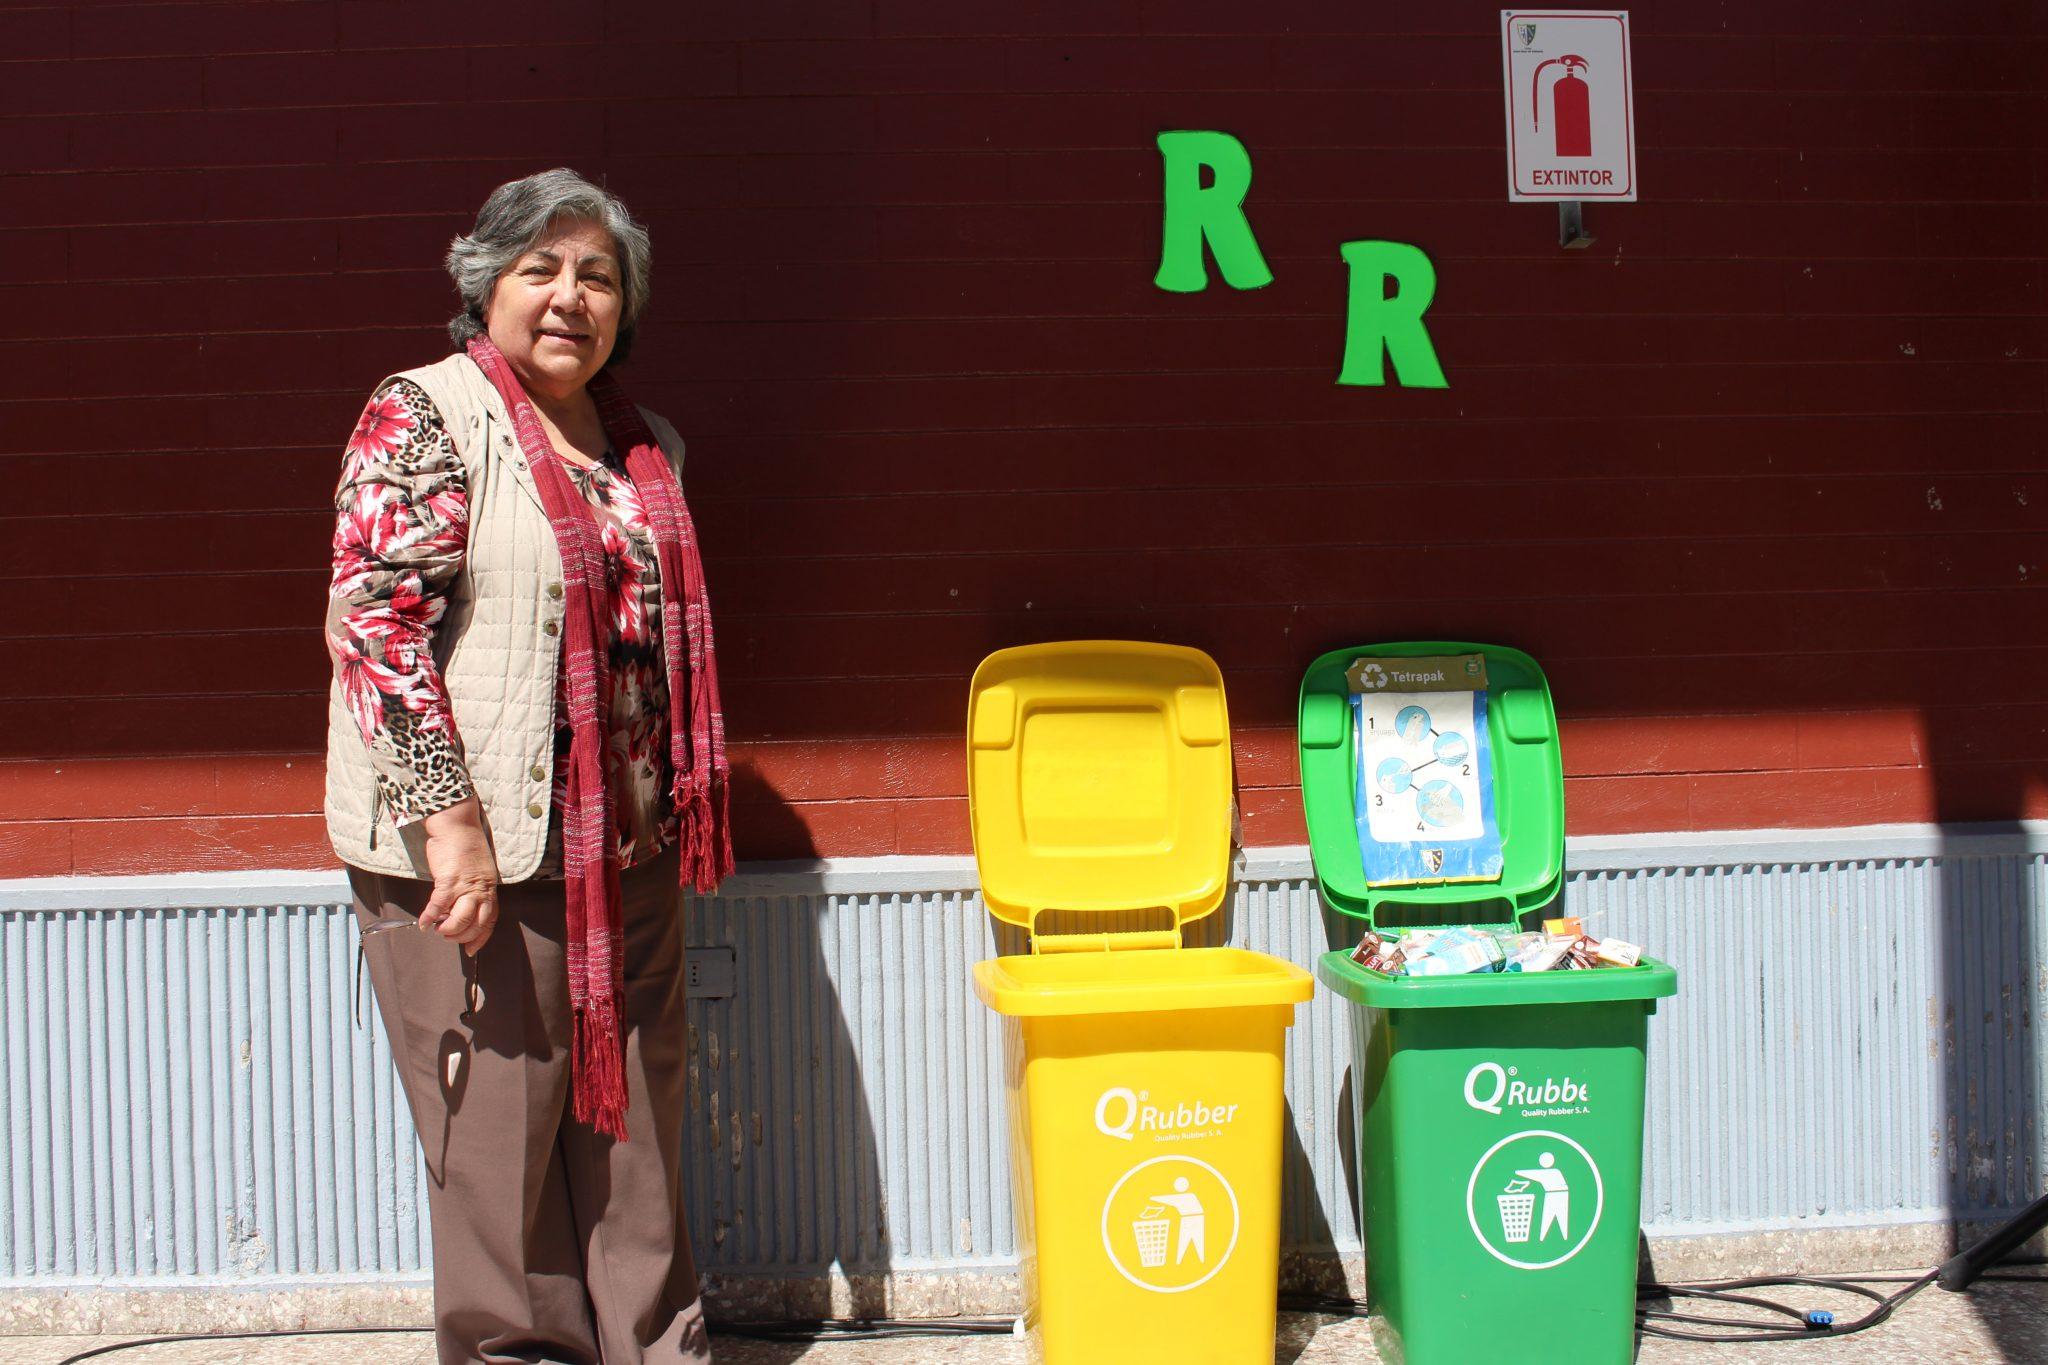 El cuidado del medio ambiente: uno de los pilares de la propuesta educativa del Liceo Juana Ross de Edwards